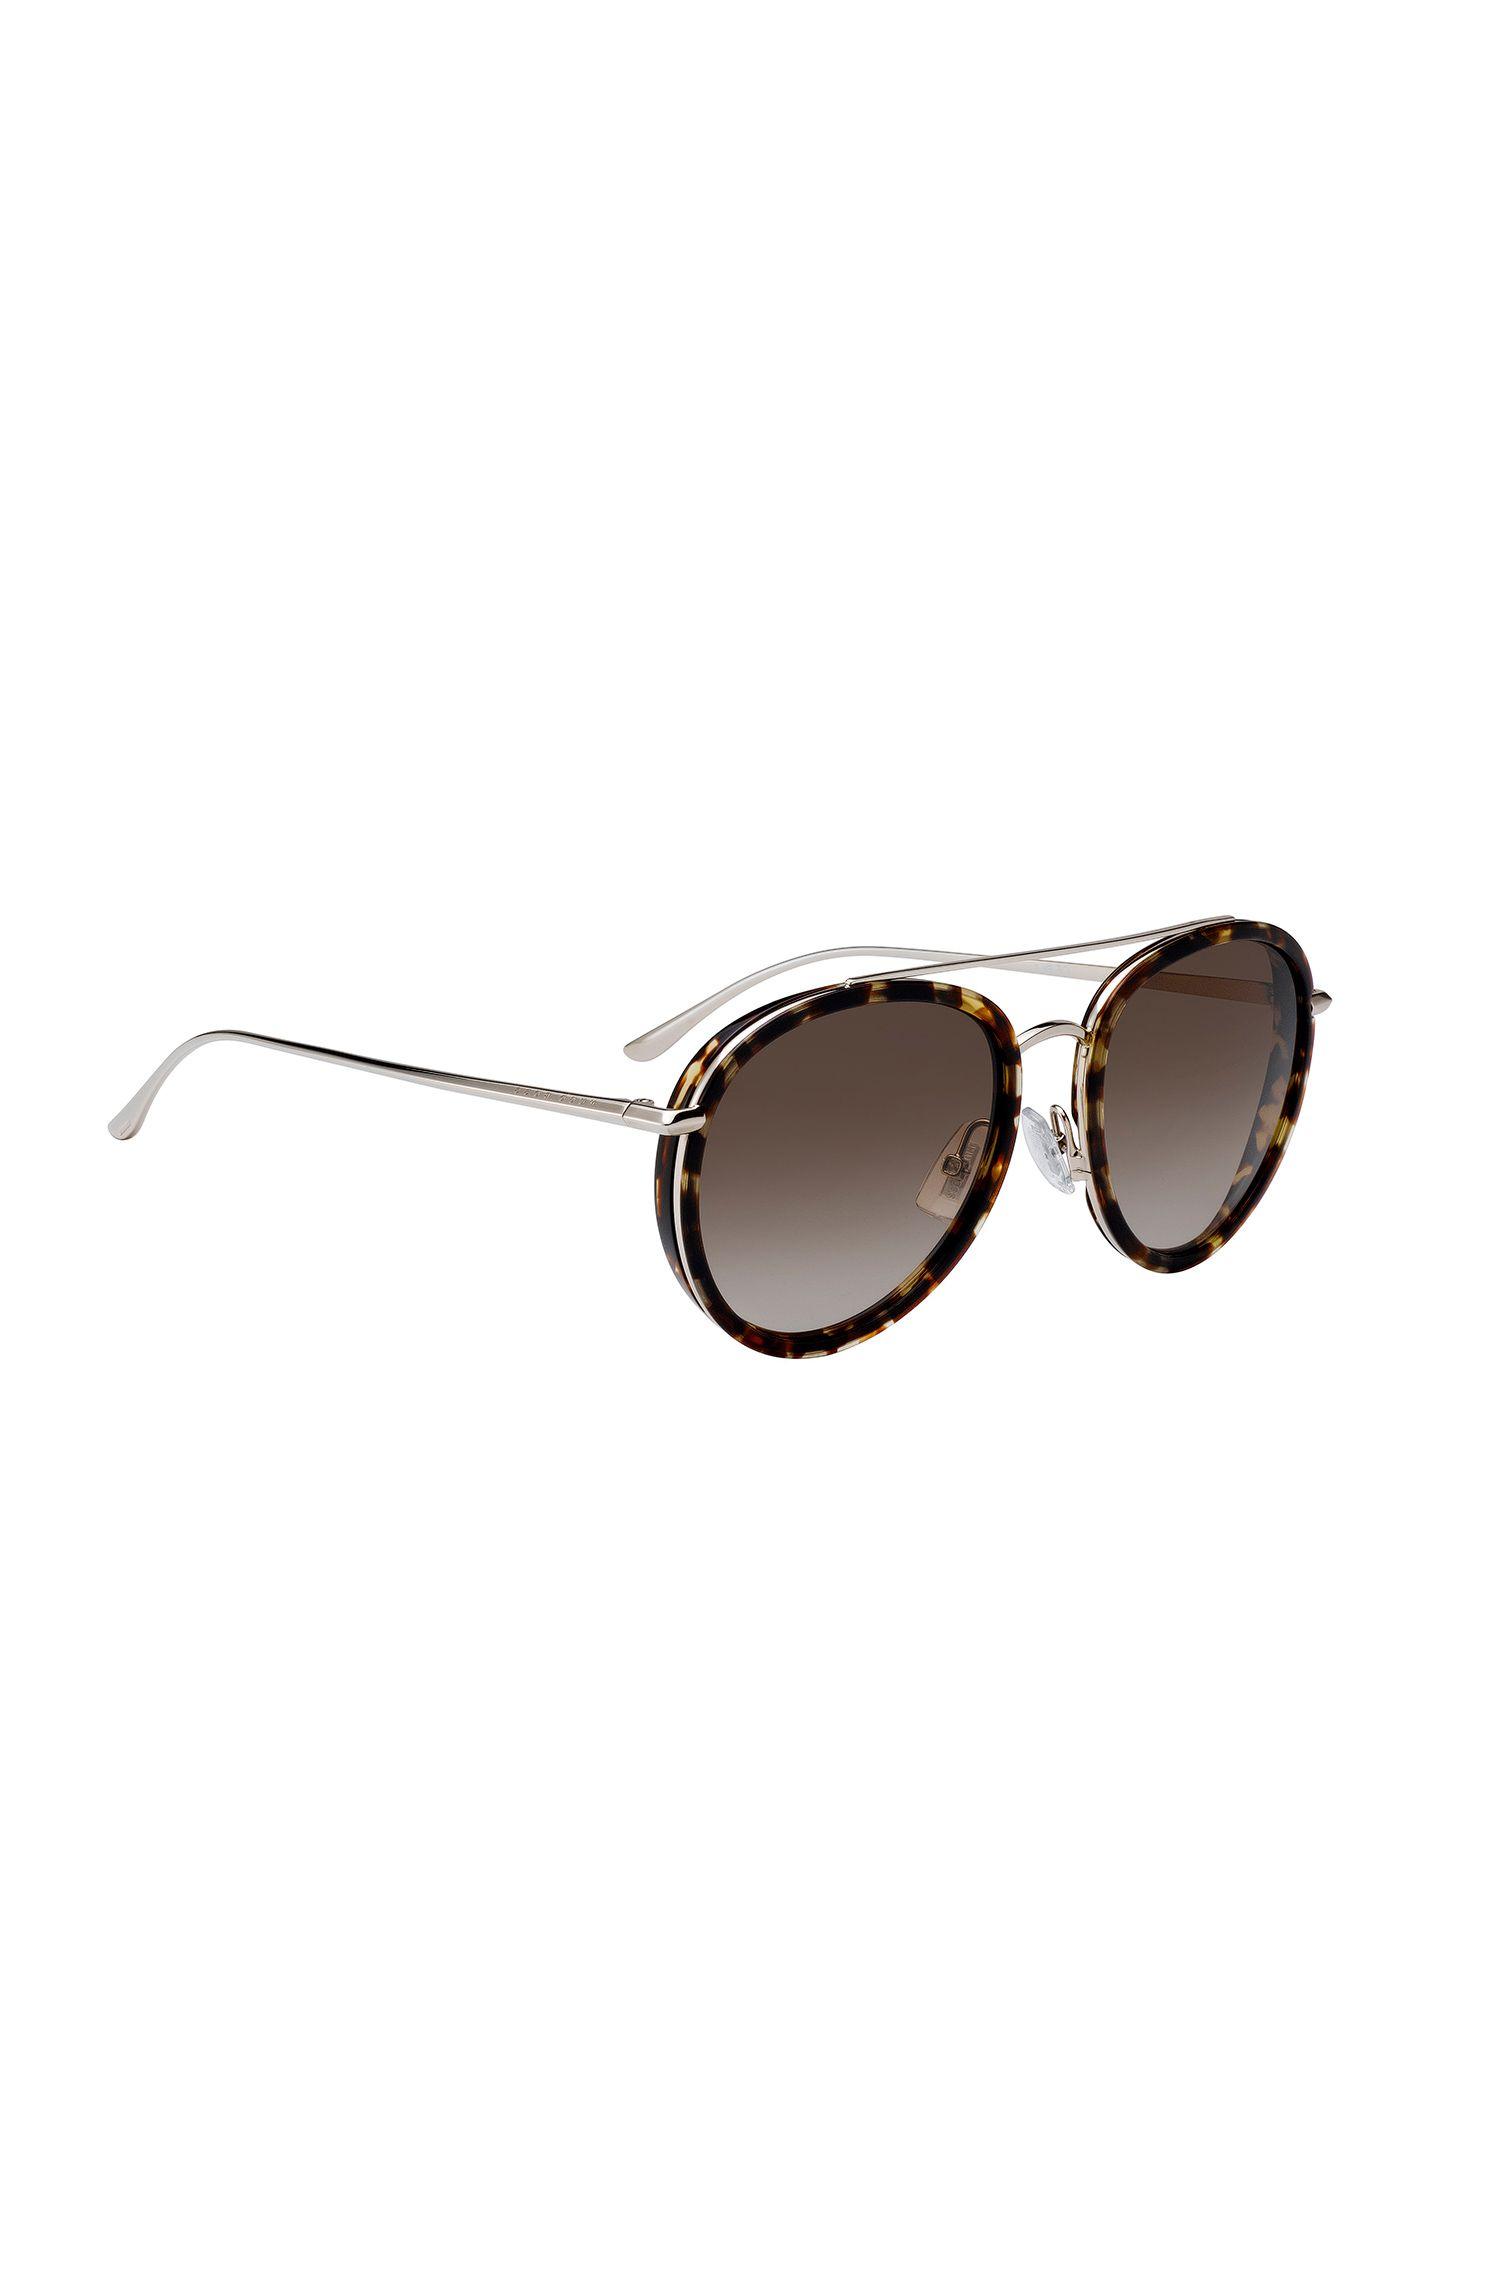 Sonnenbrille aus Acetat mit Doppelsteg und Havanna-Muster